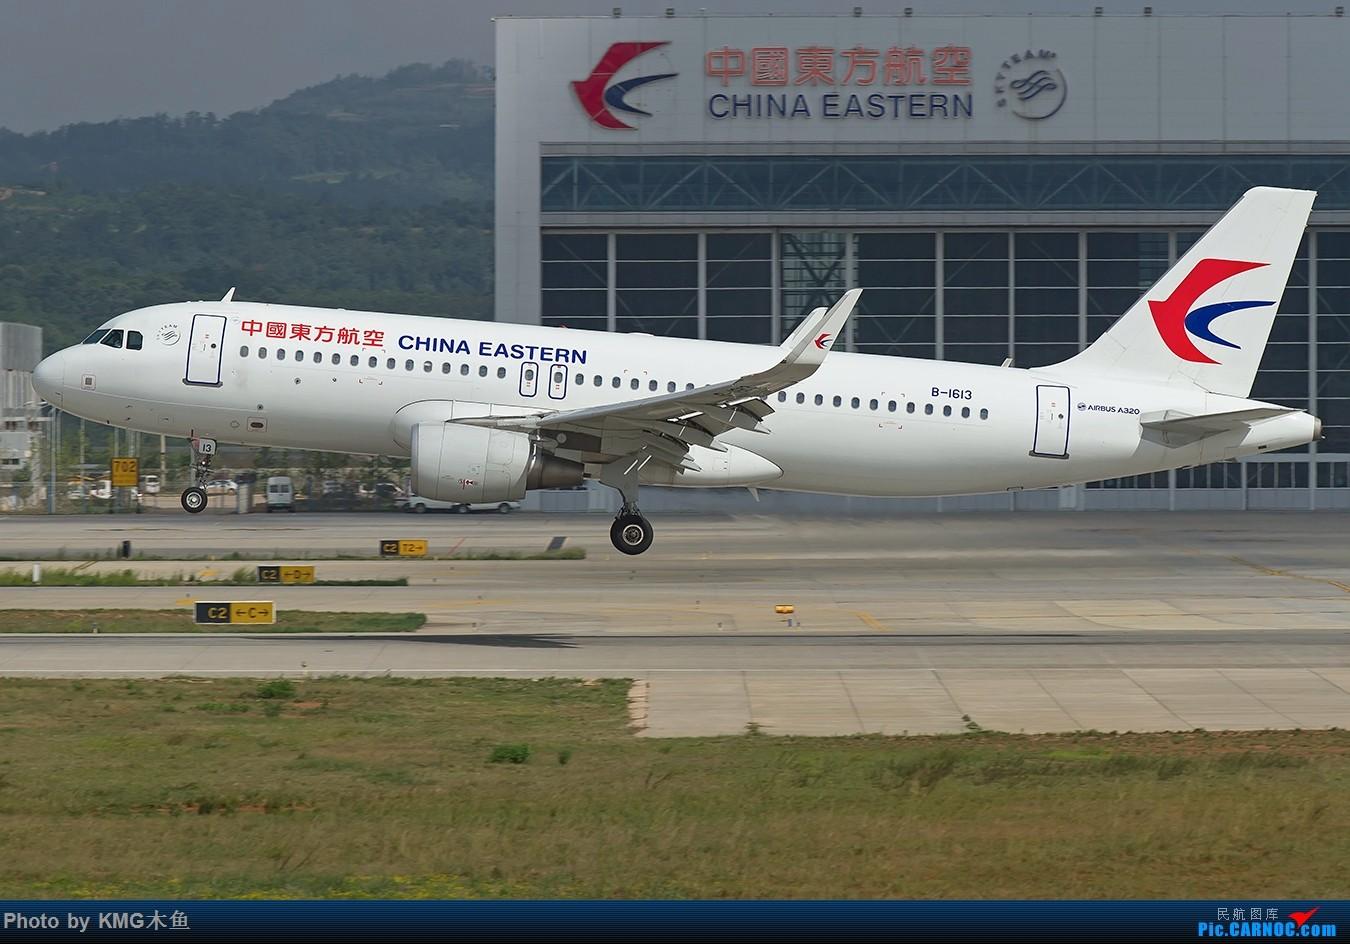 Re:[原创]【昆明长水国际机场-KMG木鱼拍机】为啥PS图片很清晰,上传以后图像变虚了。 AIRBUS A320-200 B-1613 中国昆明长水国际机场